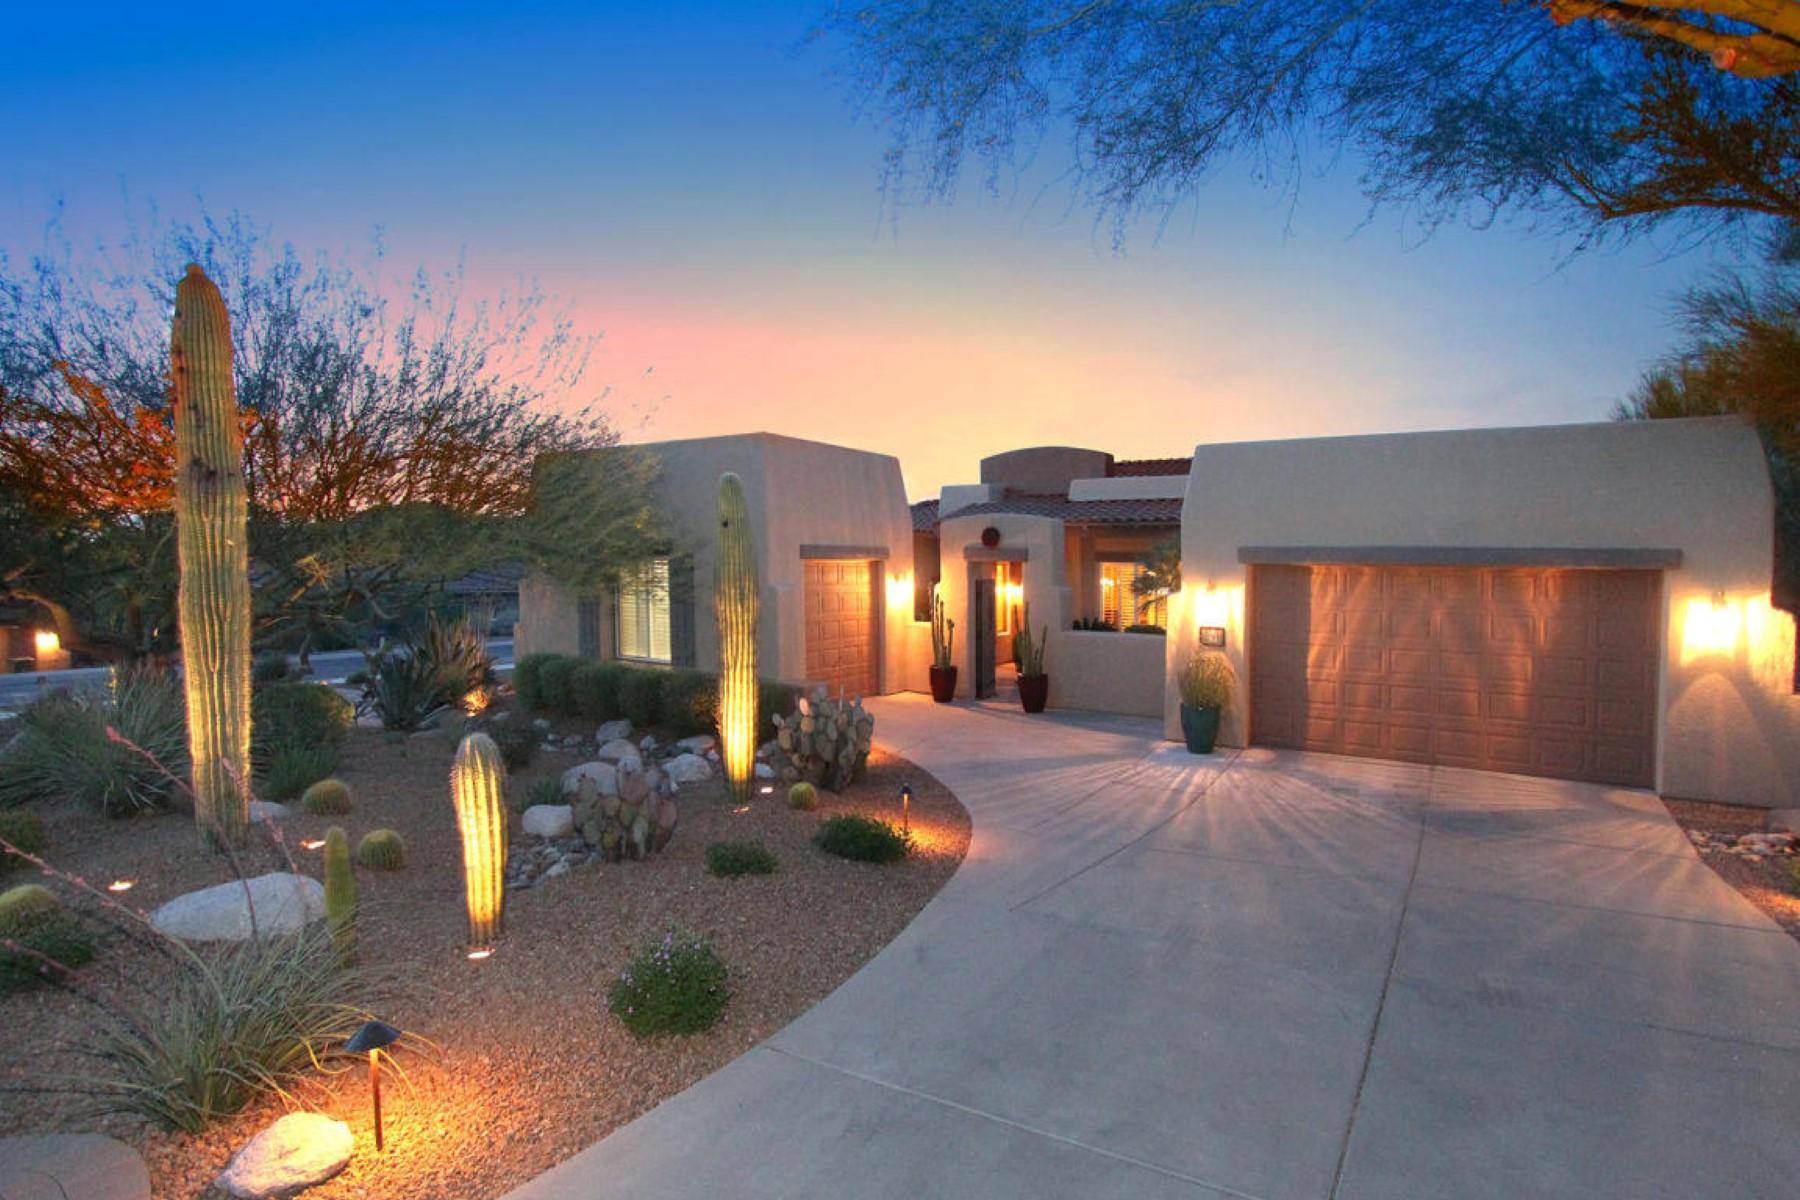 단독 가정 주택 용 매매 에 absolutely stunning Tucson home 744 W Burntwater Drive Oro Valley, 아리조나, 85737 미국